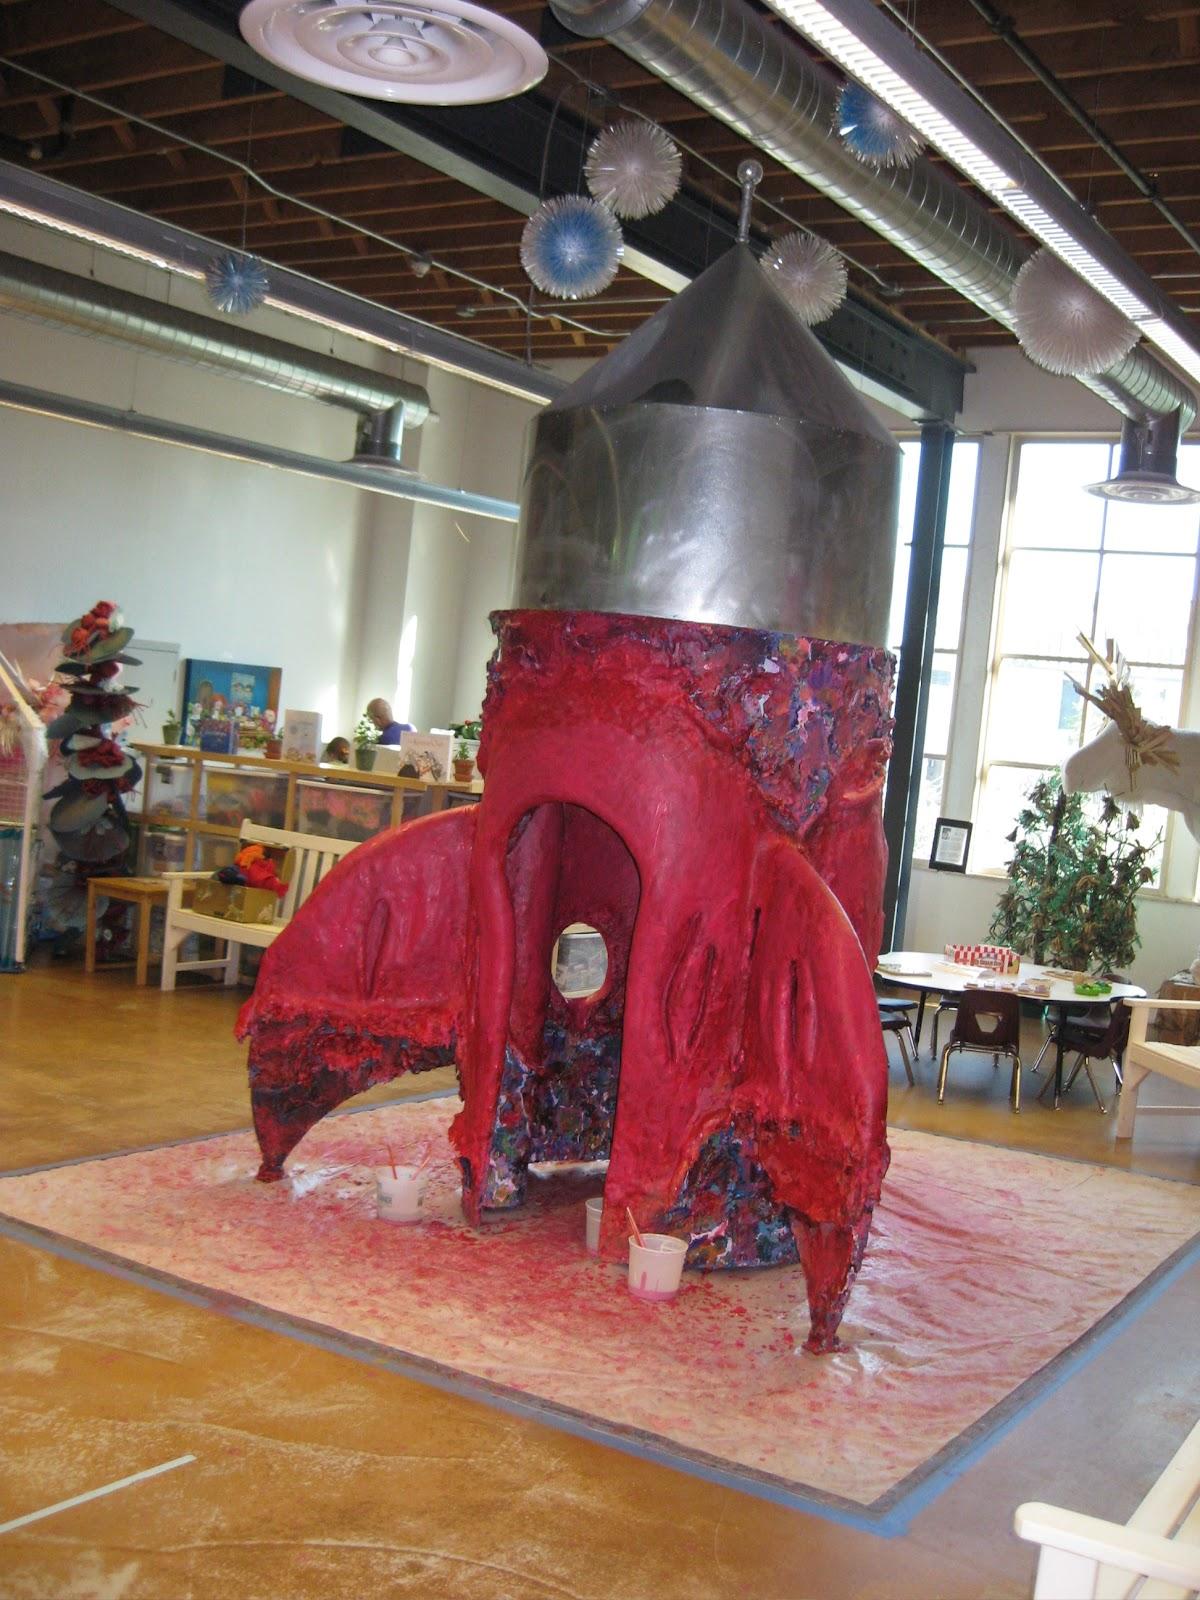 exhibitricks a museum exhibit design blog sep 22 2012